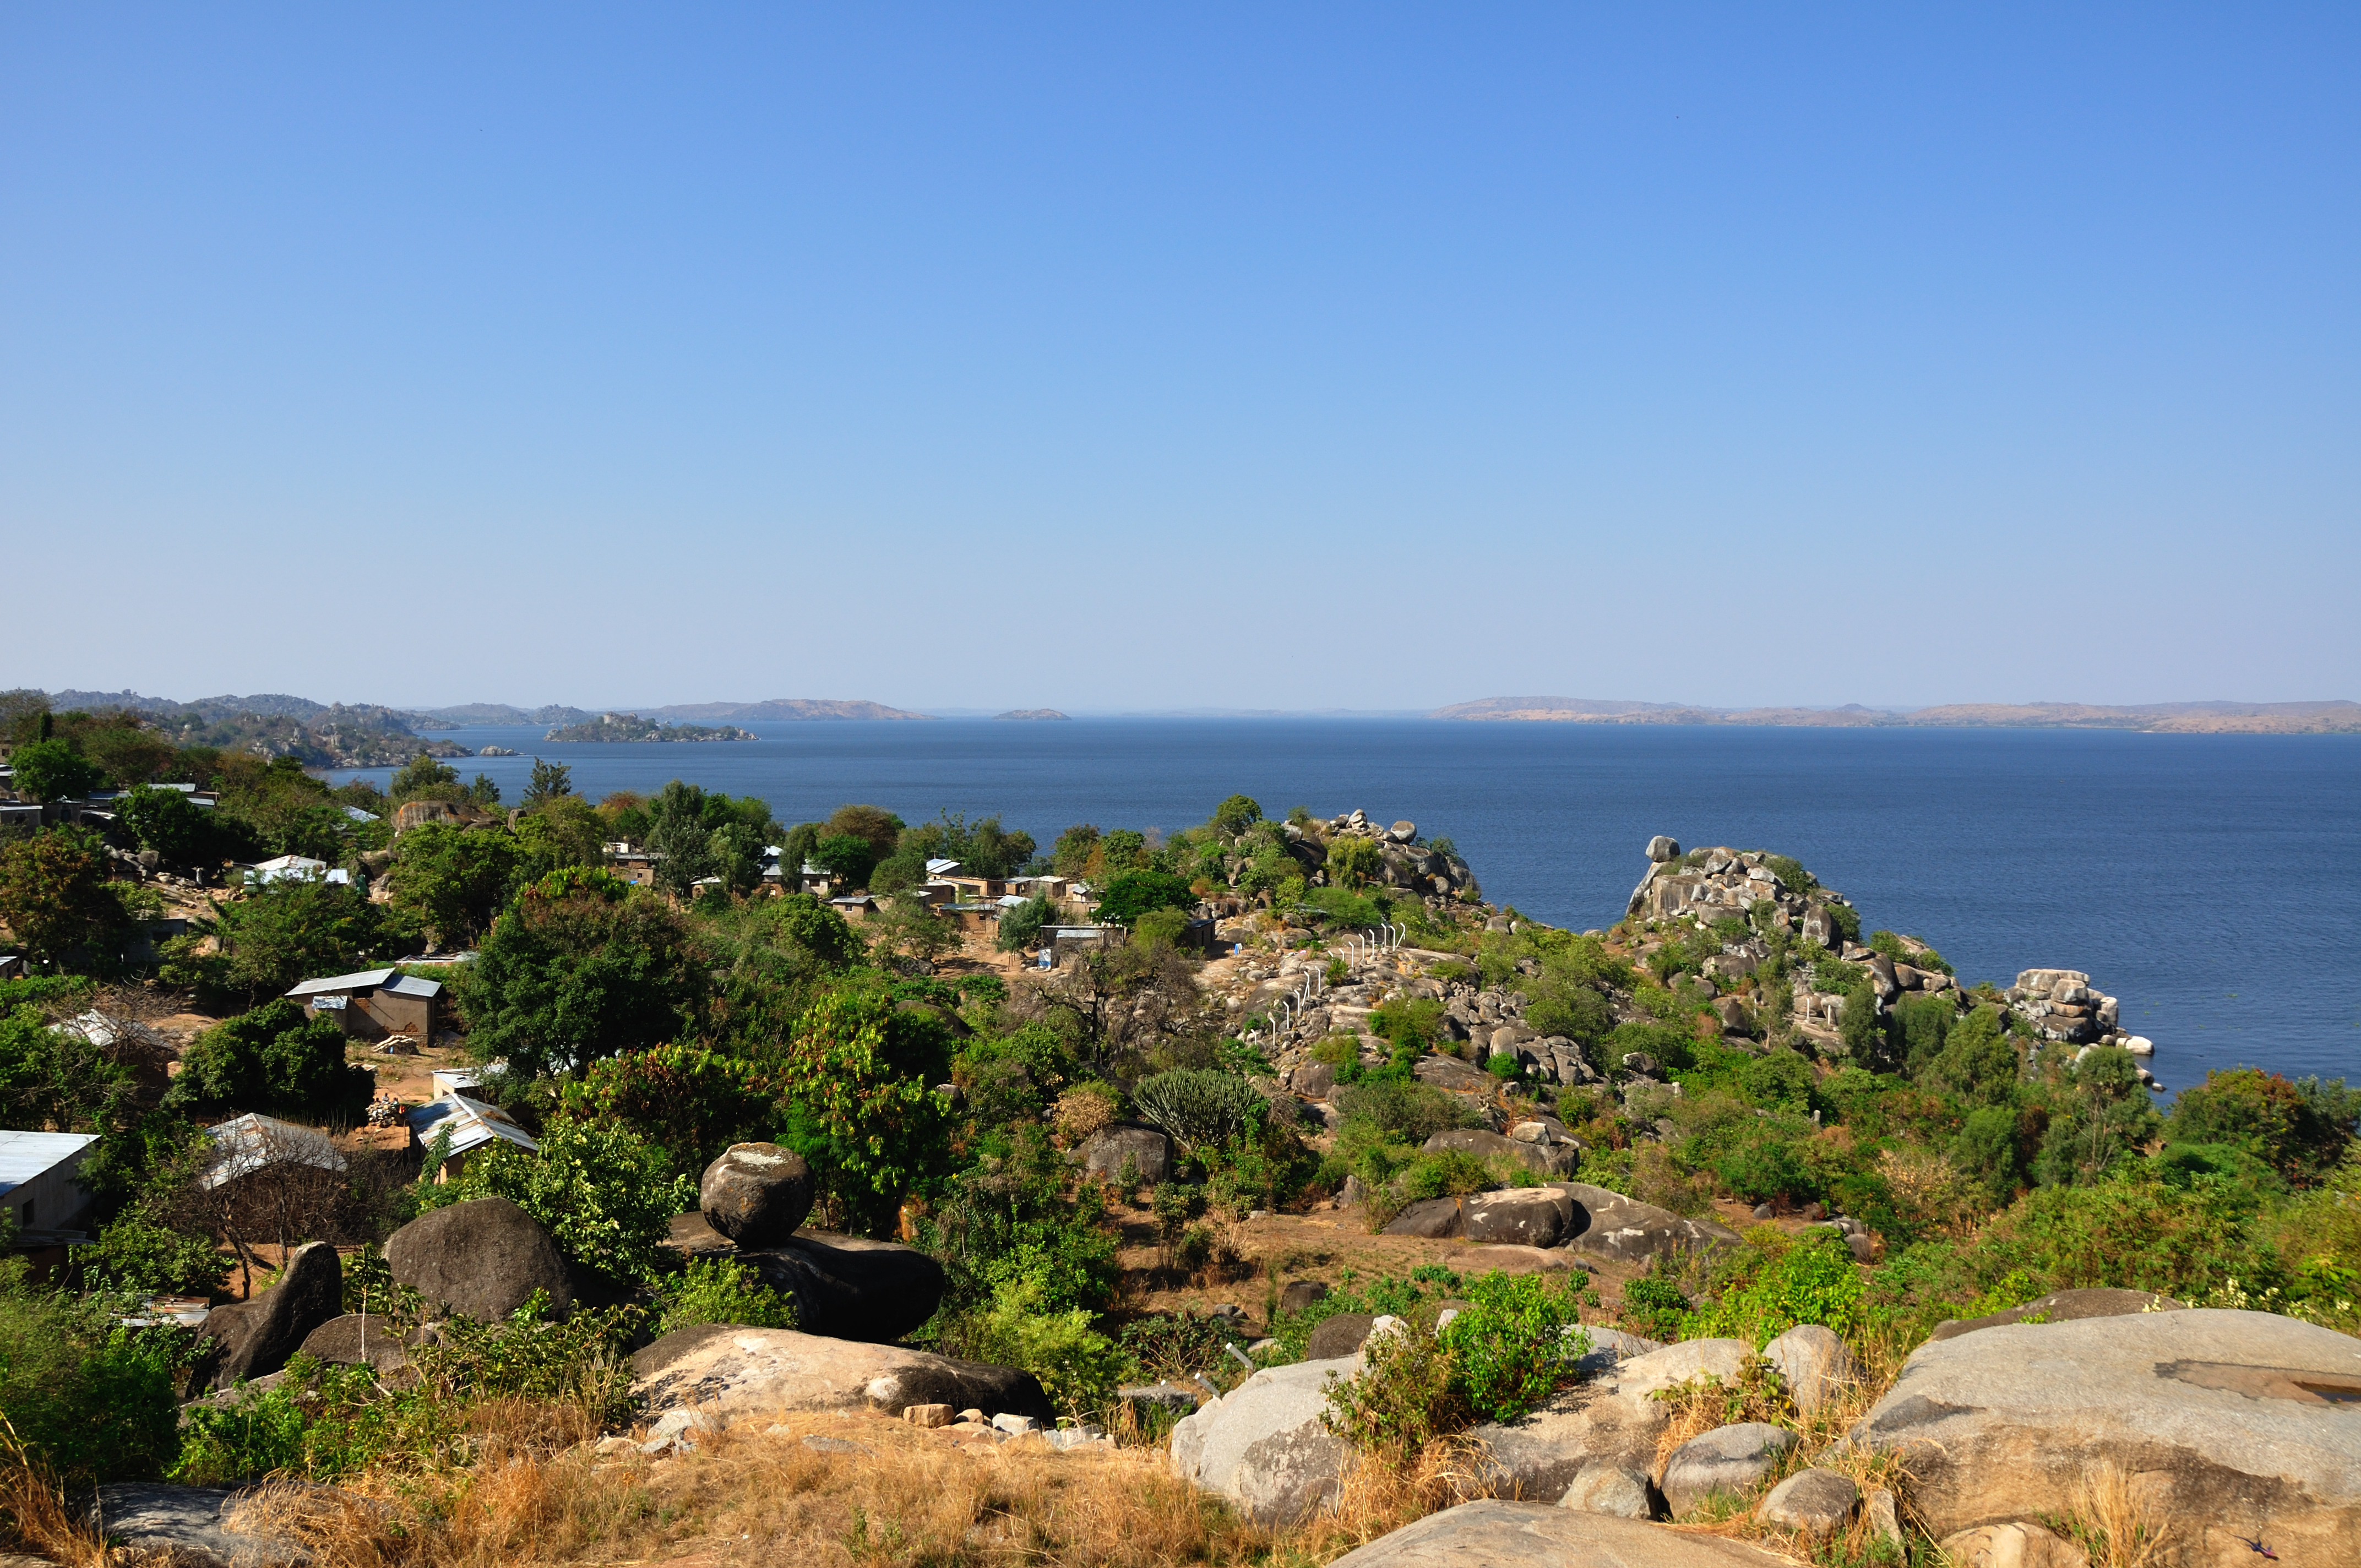 Mwanza Tanzania  City pictures : Description 2010 09 14 08 30 15 Tanzania Mwanza Mwanza